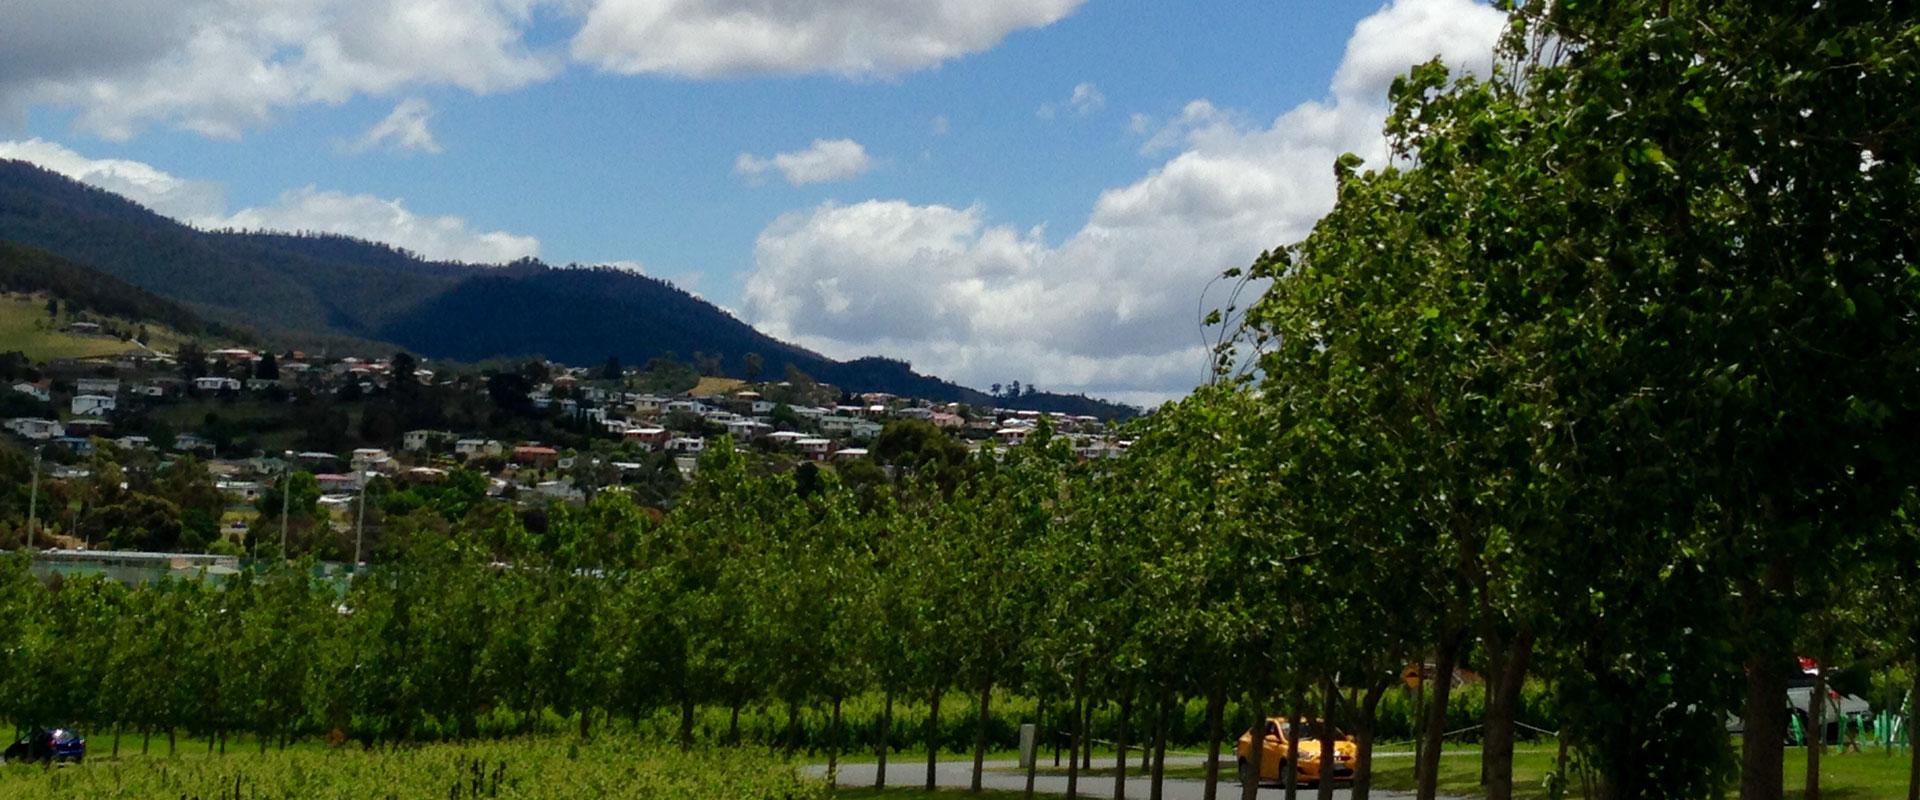 tasmania museum tree planting